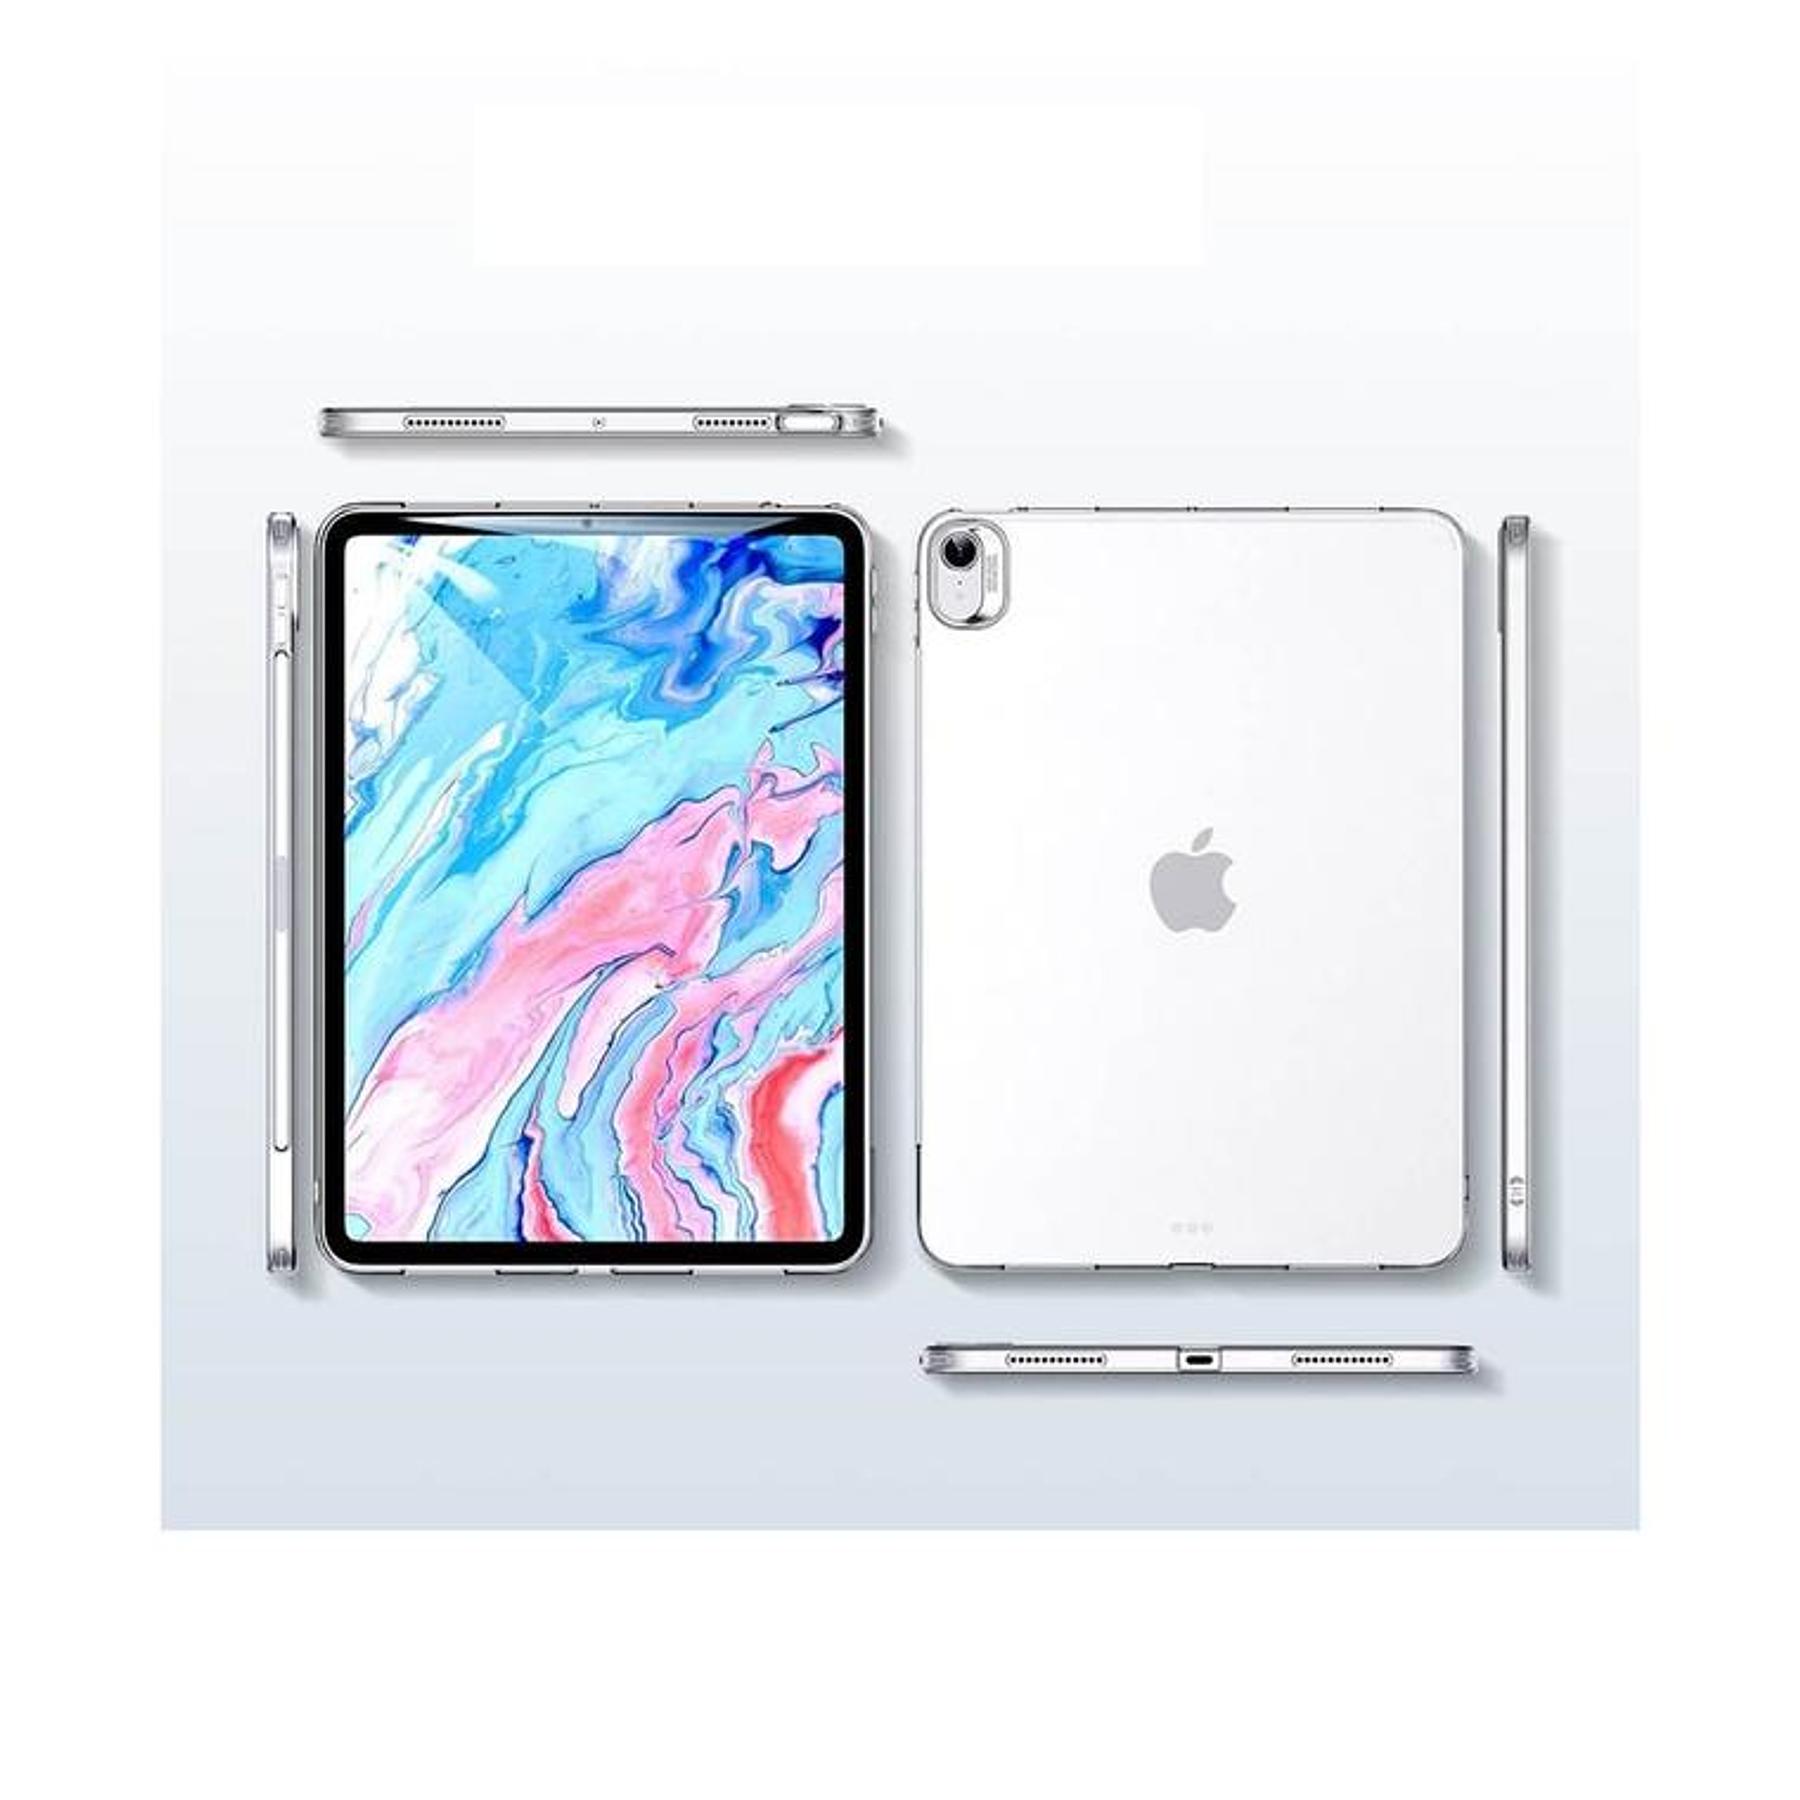 iPad Air 4 10.9